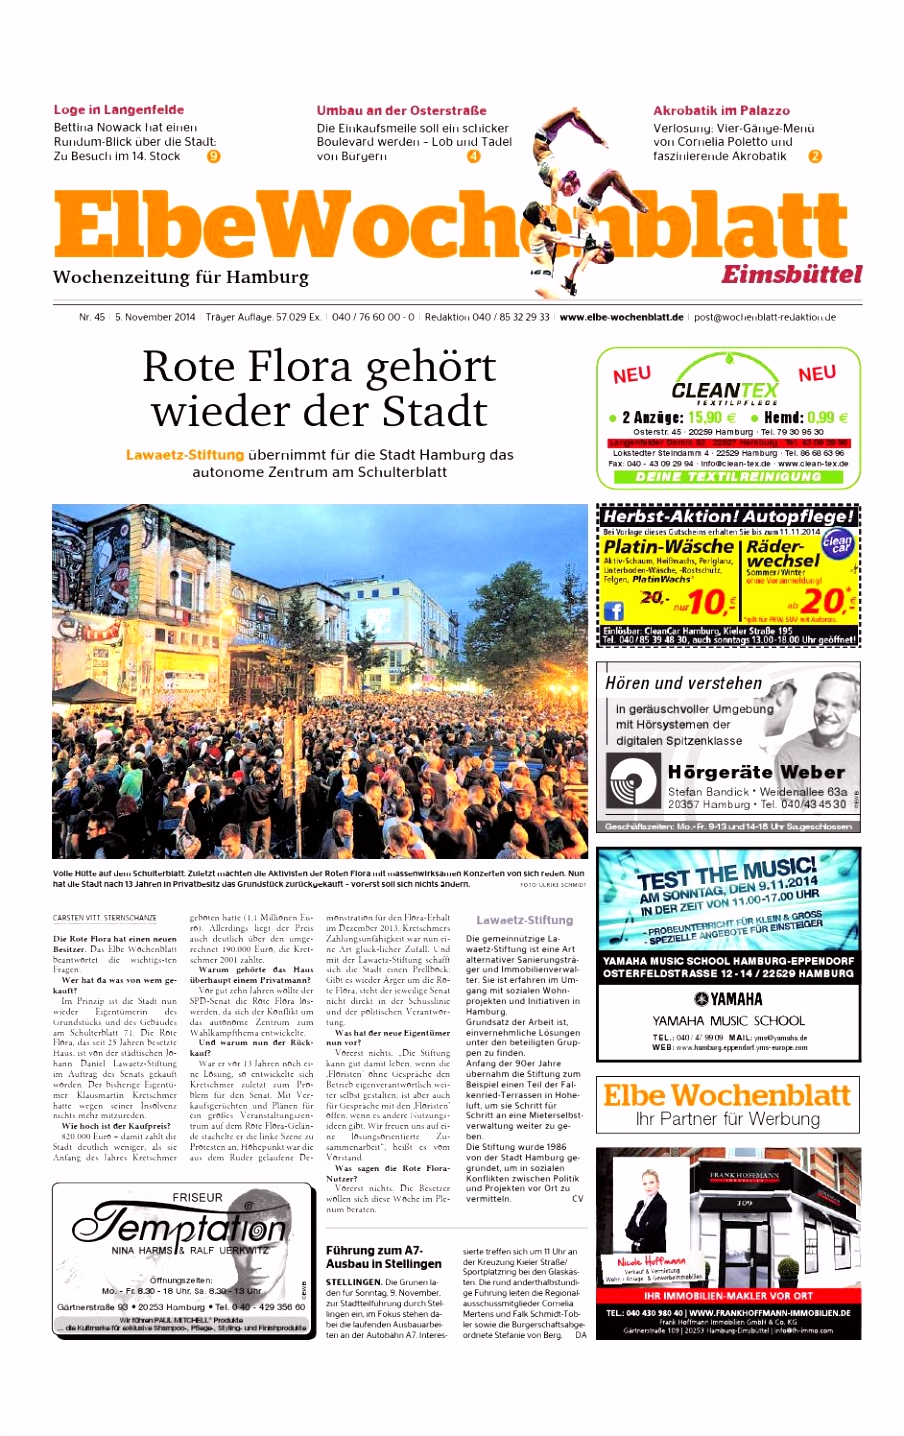 Eimsbüttel KW45 2014 by Elbe Wochenblatt Verlagsgesellschaft mbH